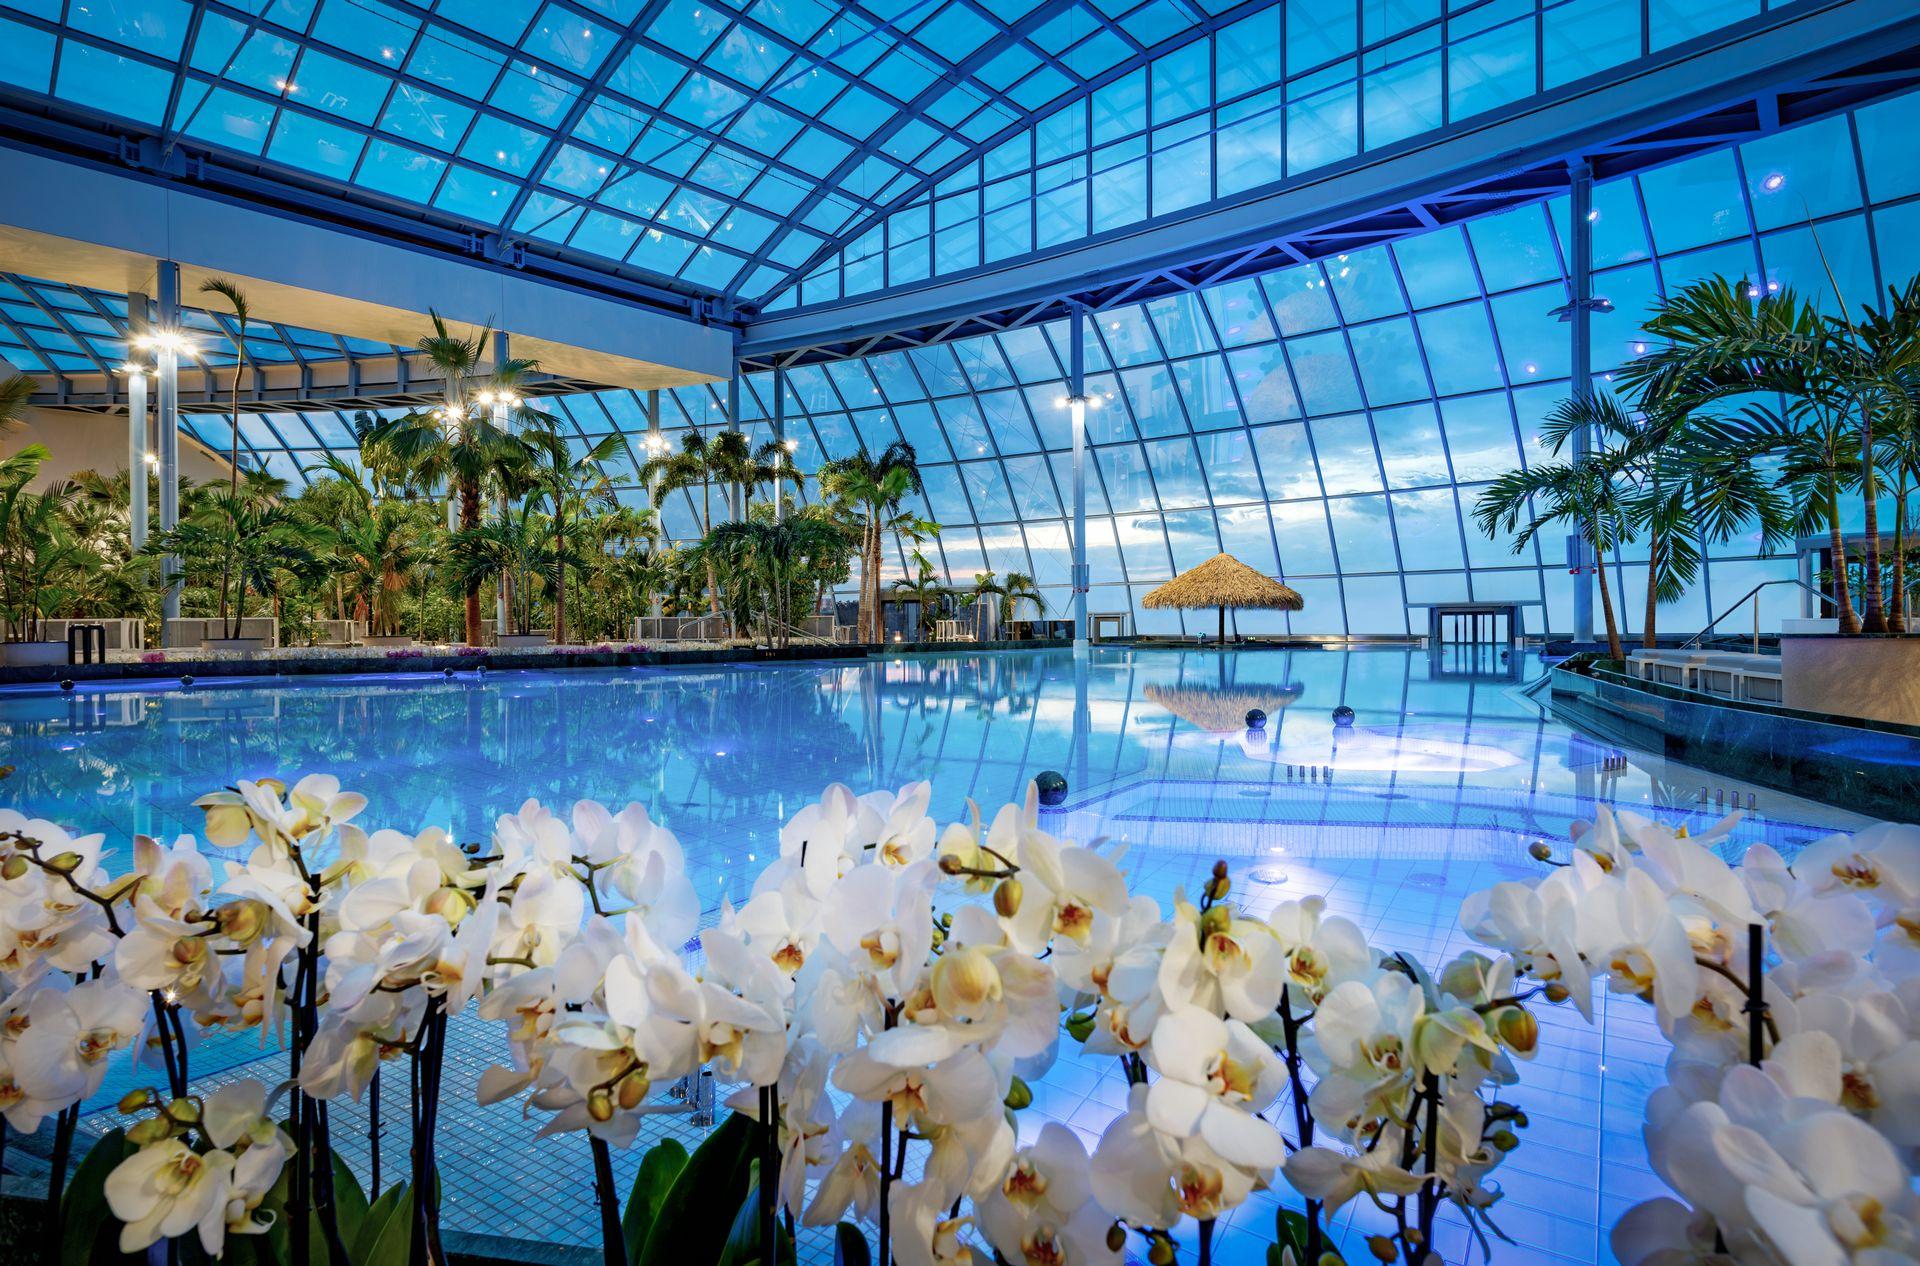 Park of Poland. Nieopodal Warszawy otwierają największy aquapark w Europie